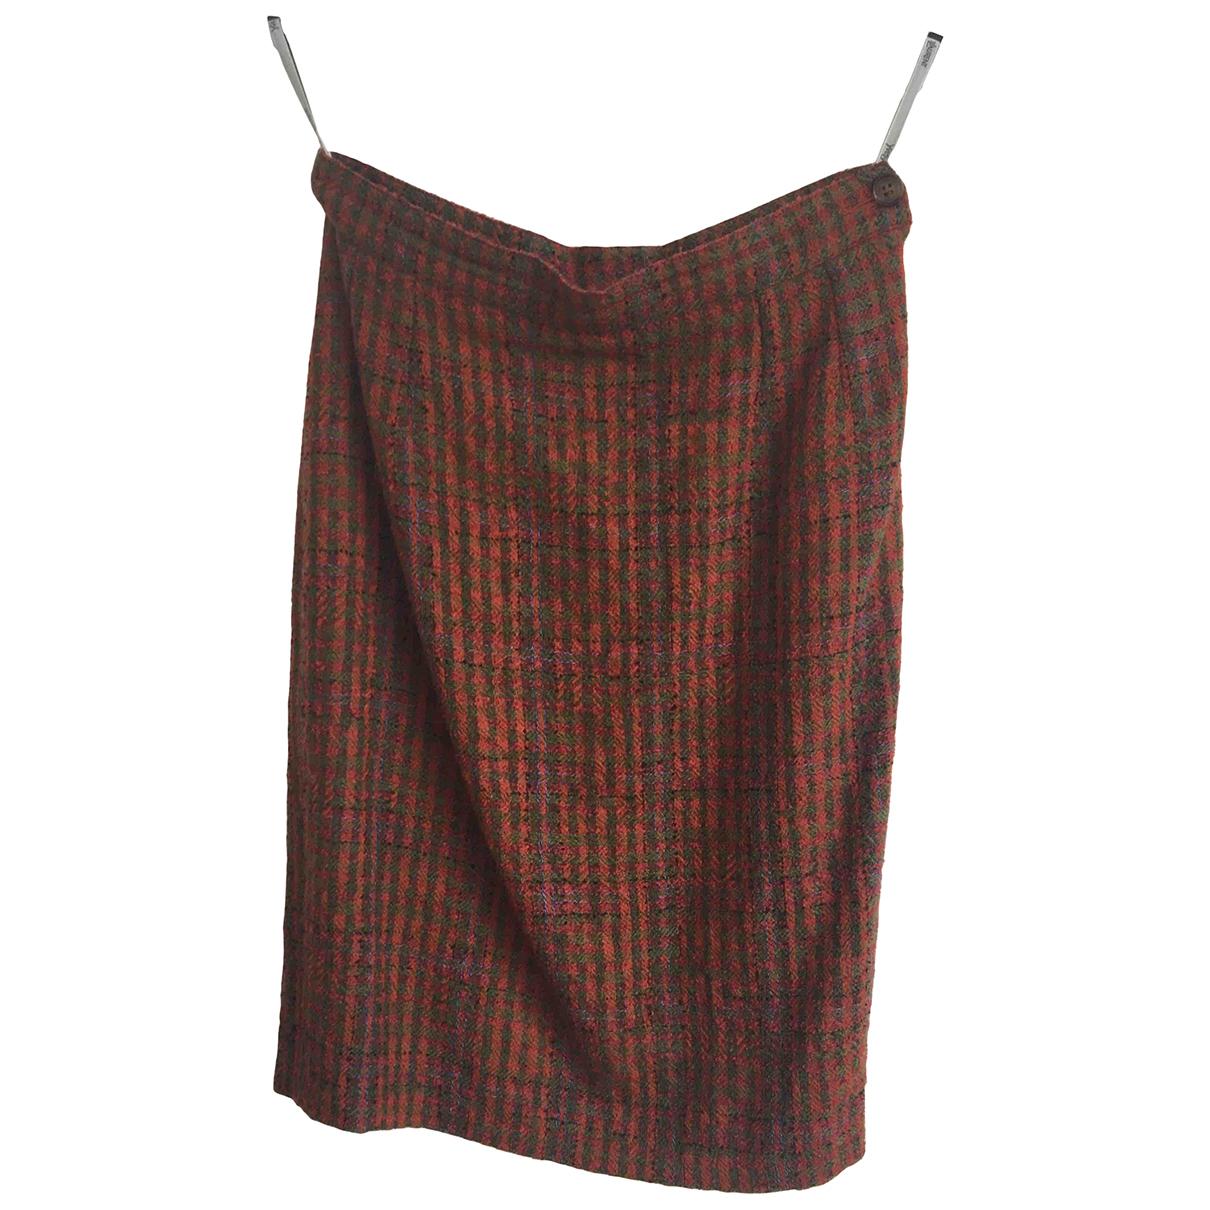 Yves Saint Laurent - Jupe   pour femme en laine - multicolore